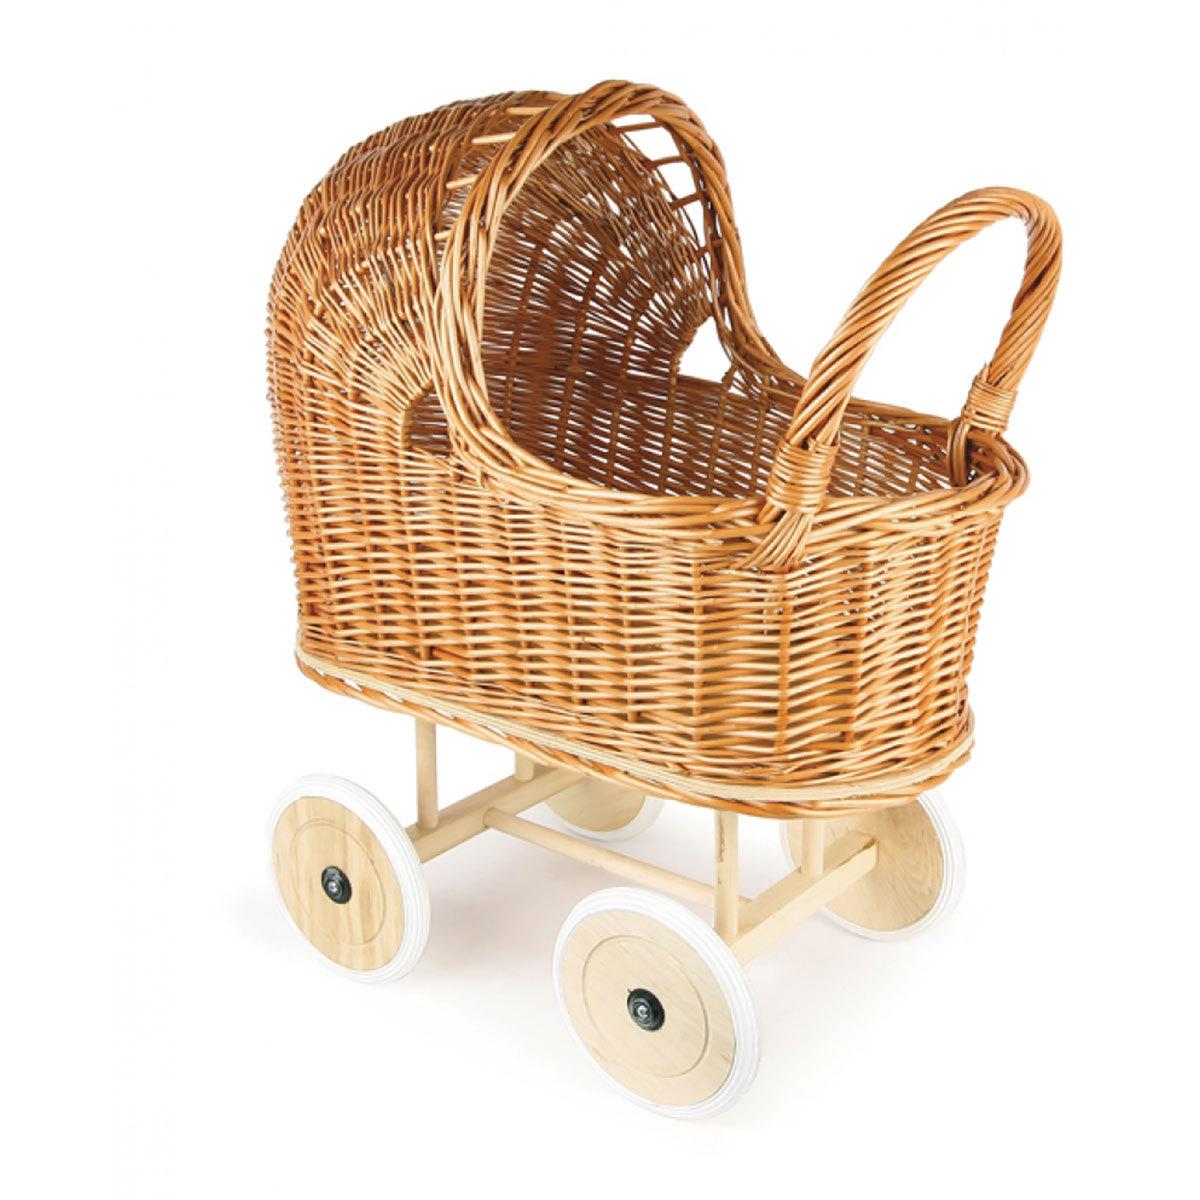 Mes premiers jouets Landau Osier Roues en Caoutchouc et Garniture Landau Osier Roues en Caoutchouc et Garniture